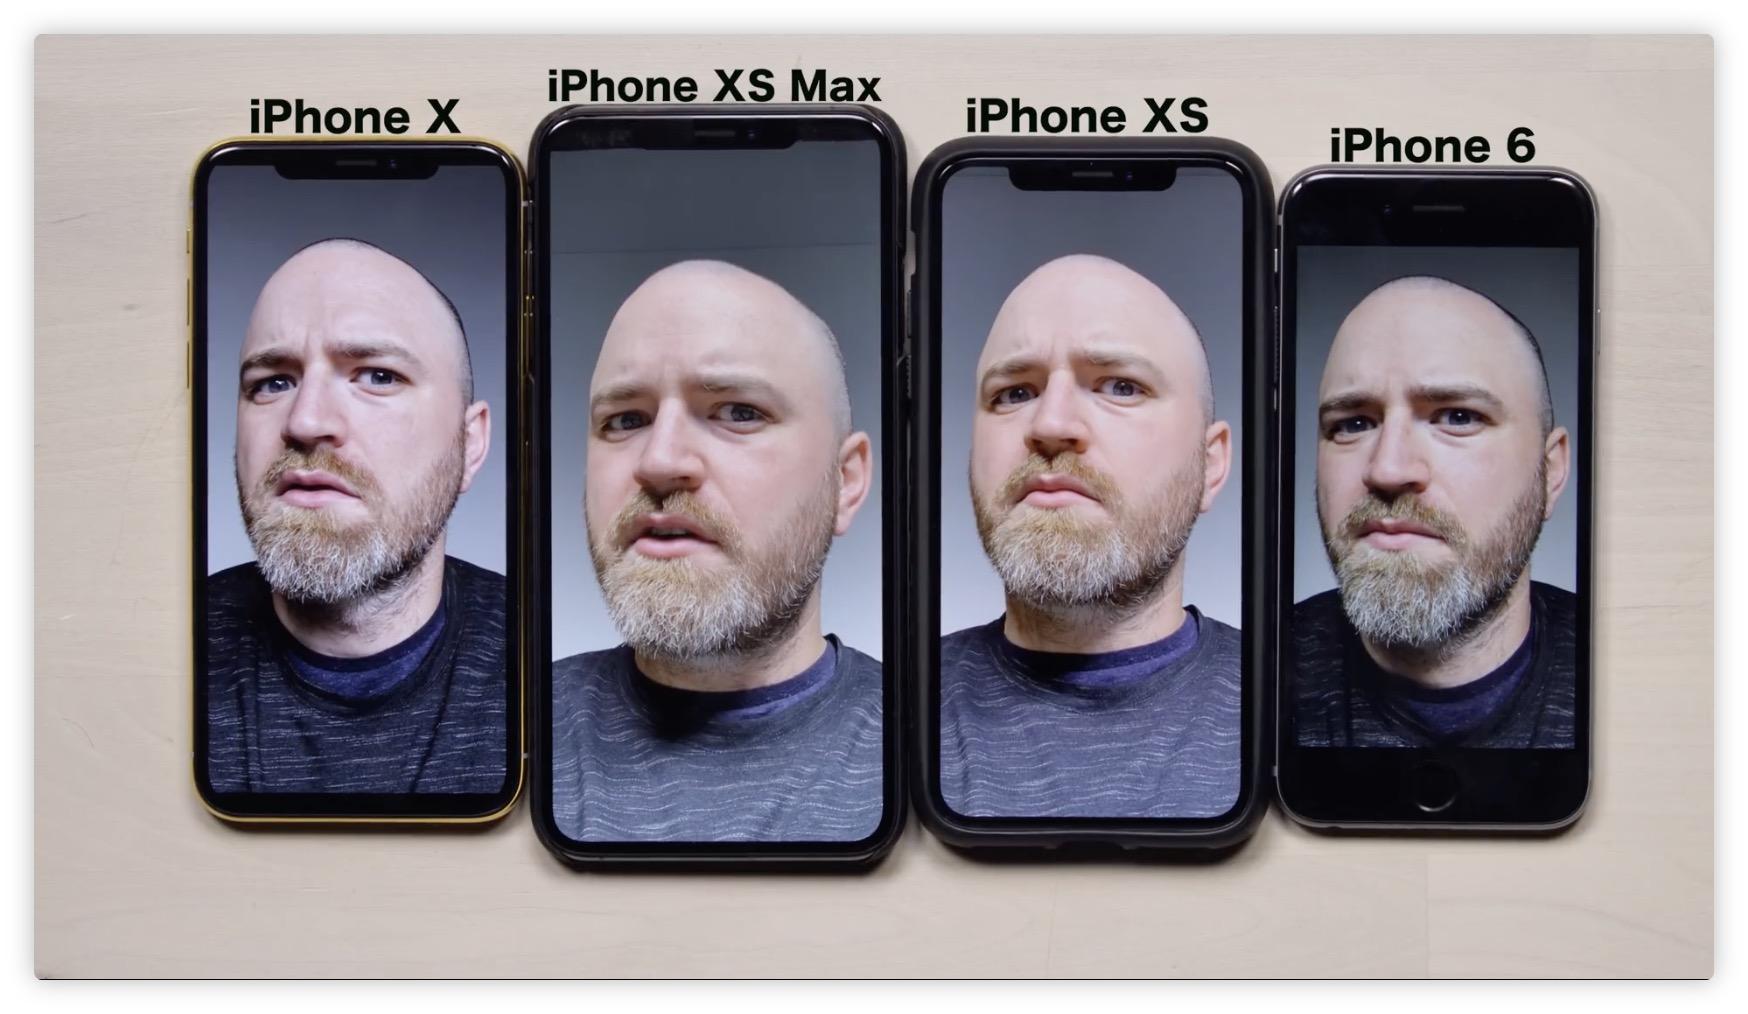 """Les selfies """"trop beaux"""" de l'iPhone XS corrigés avec iOS 12.1 : détails du bug 1"""